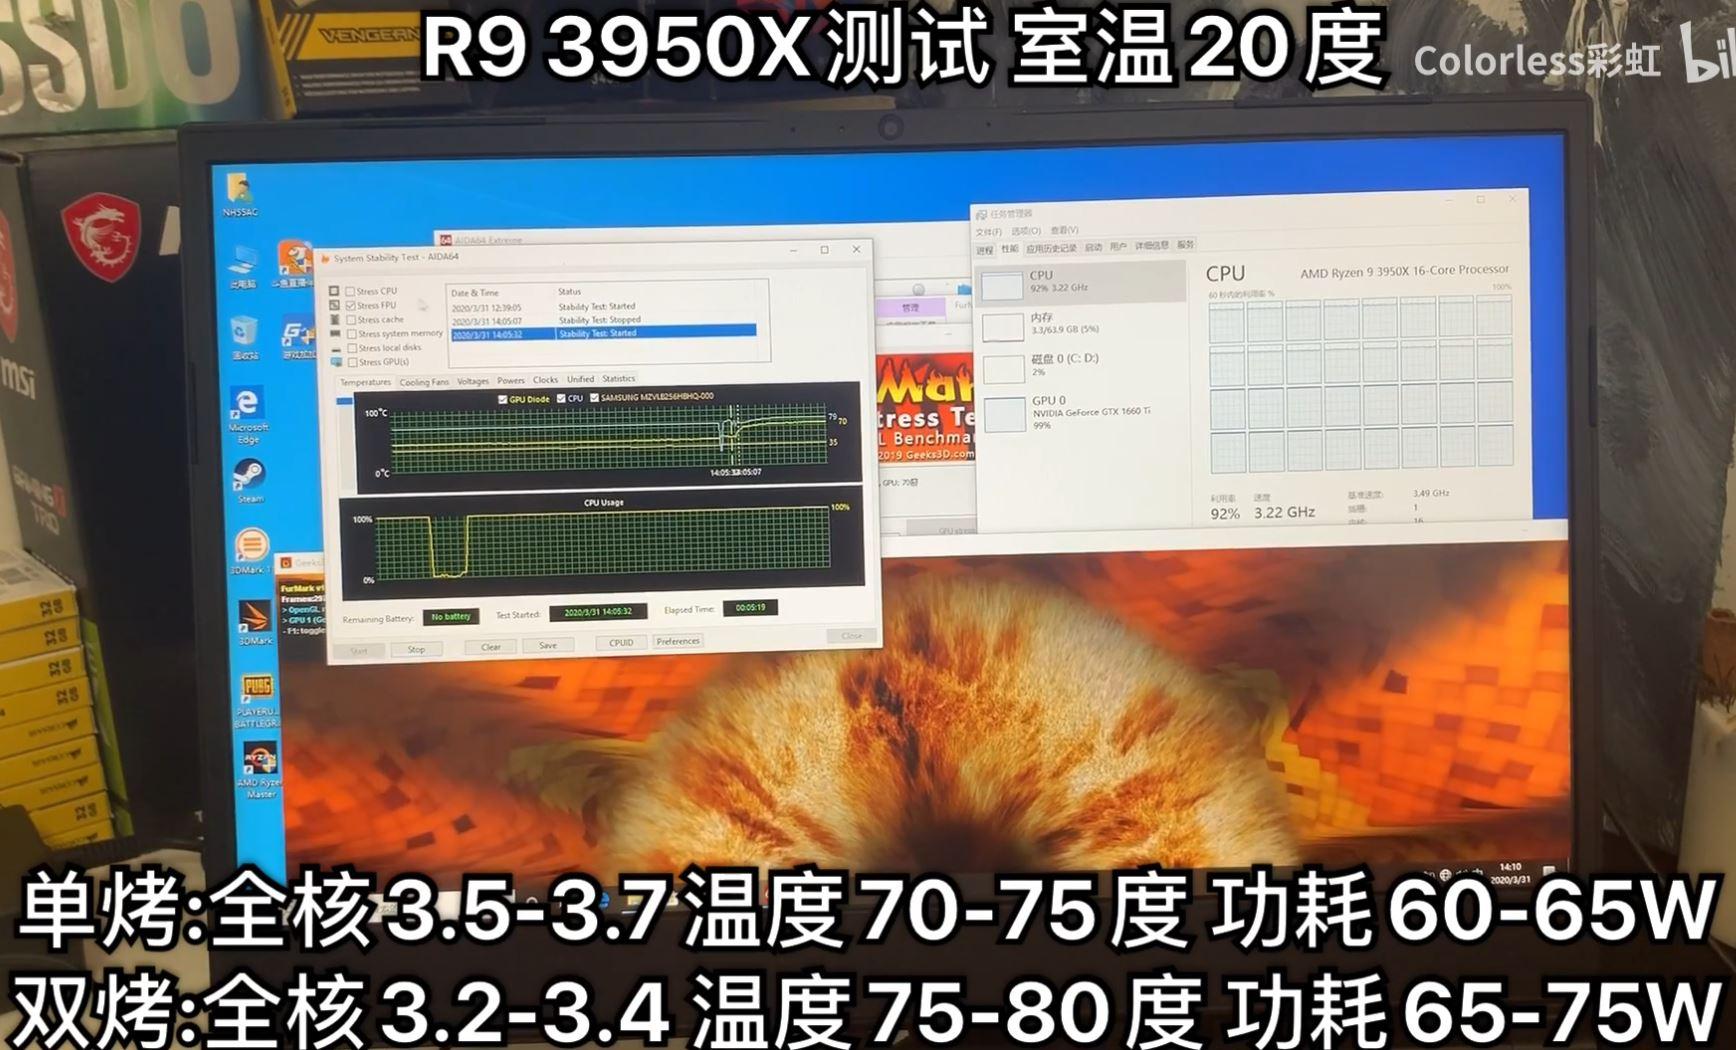 Ryzen 9 3950x stress test